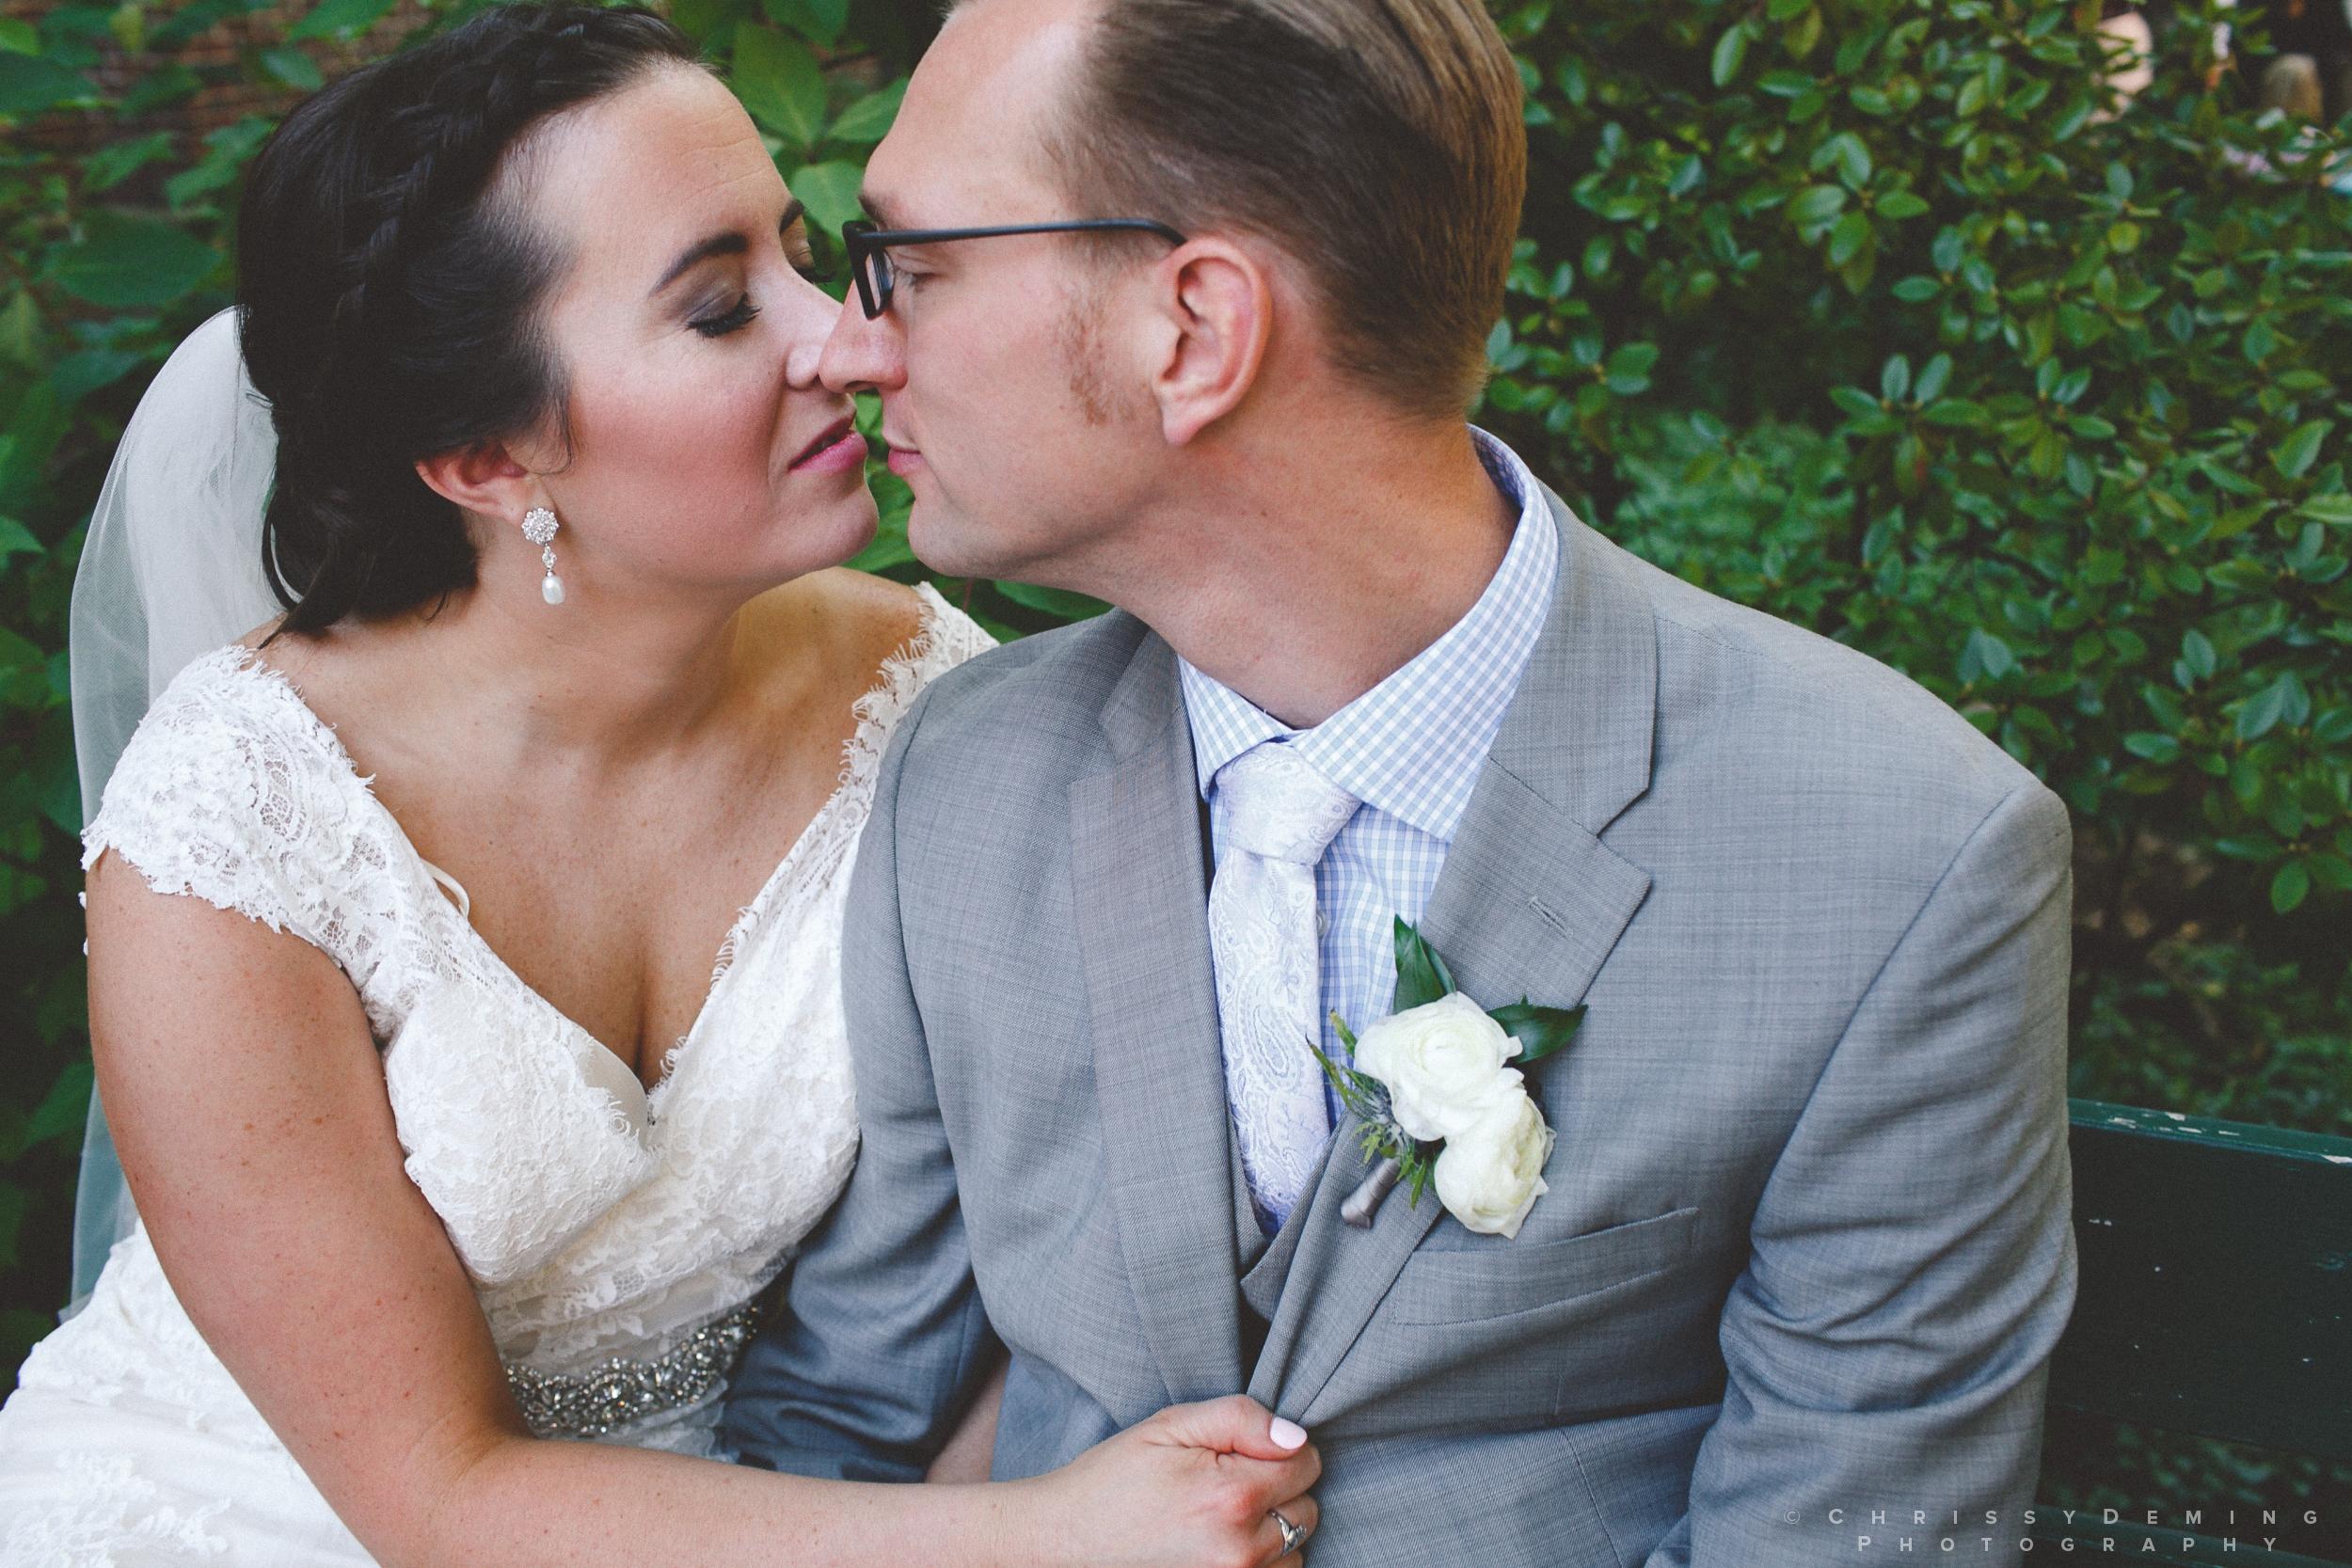 salvatores_chicago_ wedding_photographer_0050.jpg